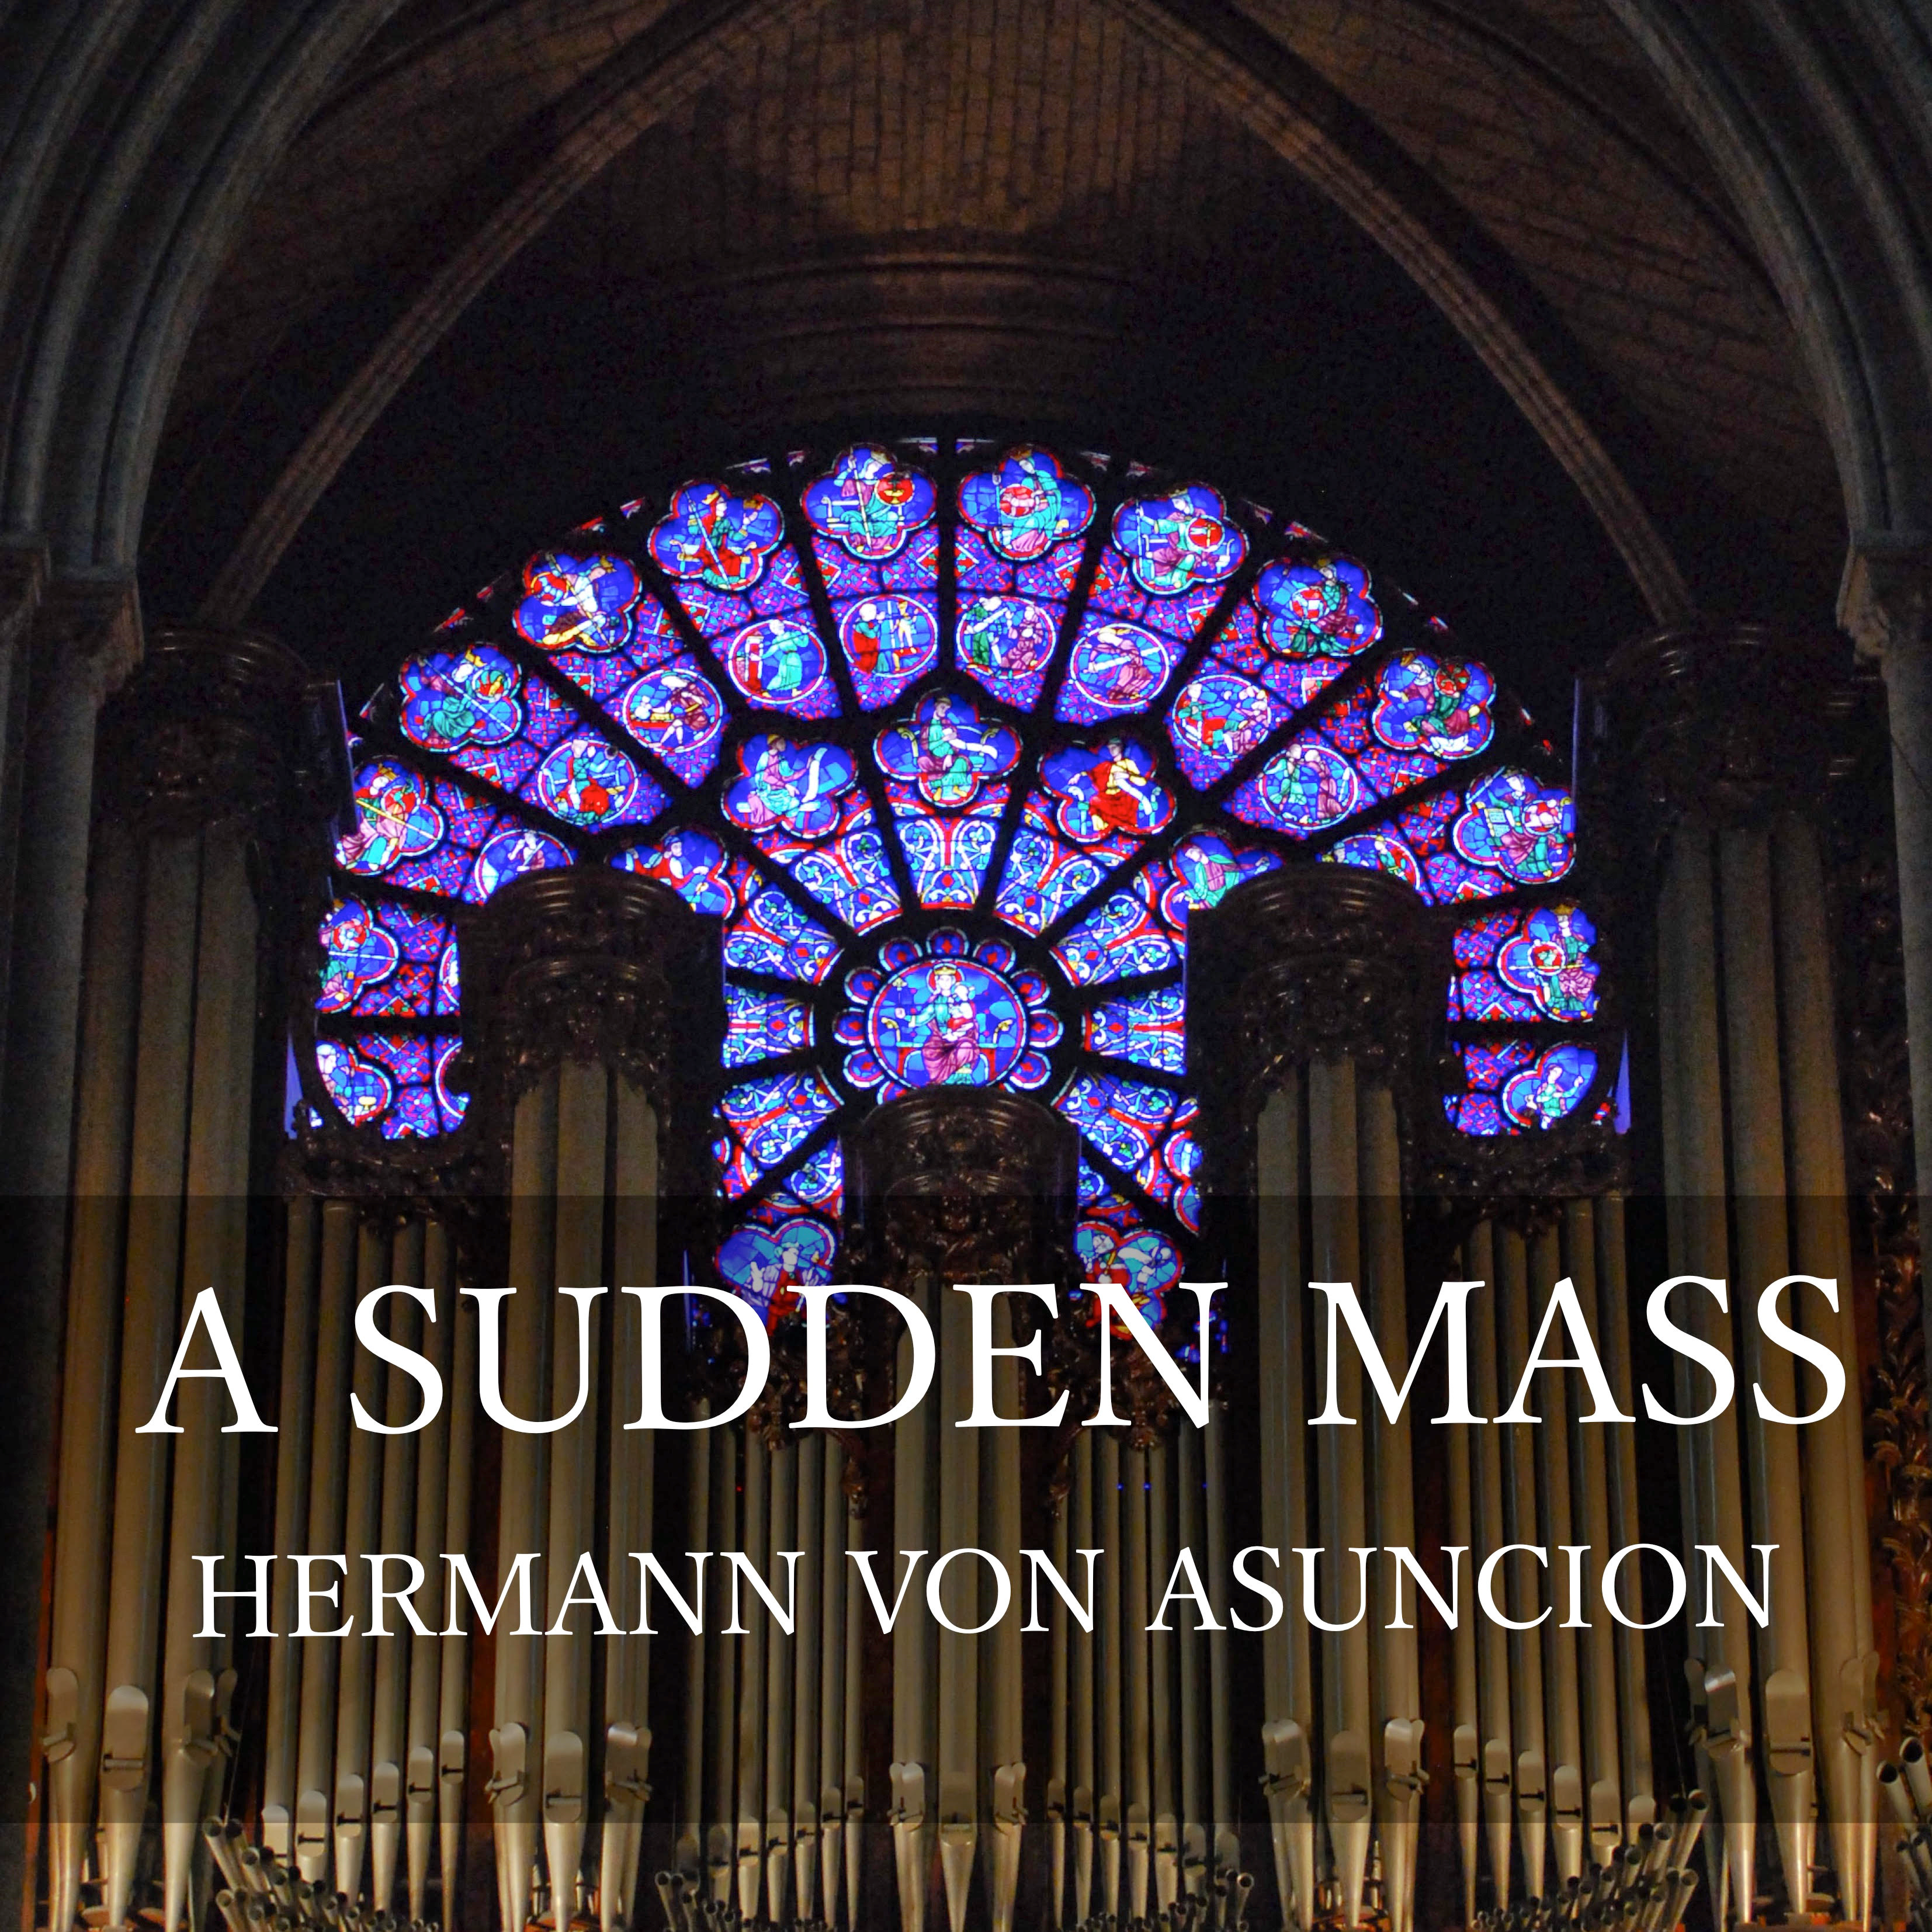 A sudden Mass cover